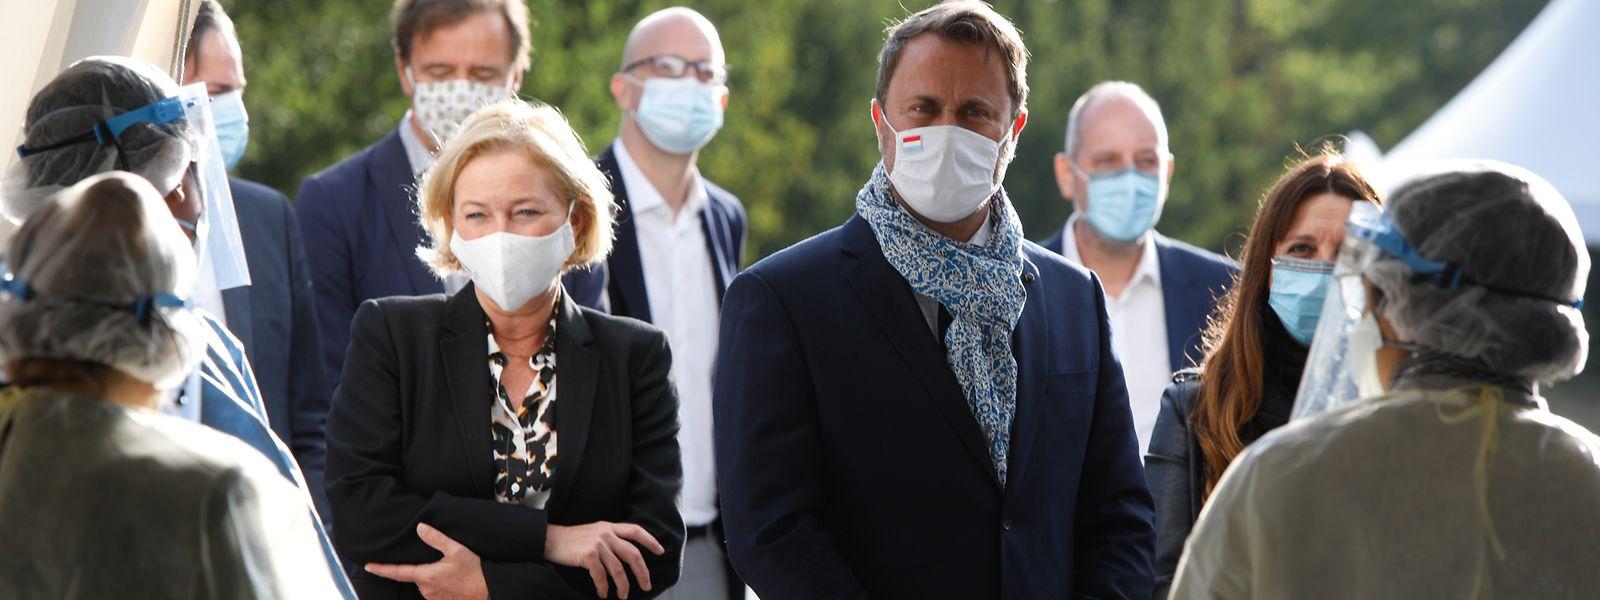 Am Donnerstag besuchten Premier Xavier Bettel und Gesundheitsministerin Paulette Lenert eine der acht Covid-Teststationen, die am Bouillon eingerichtet wurde.